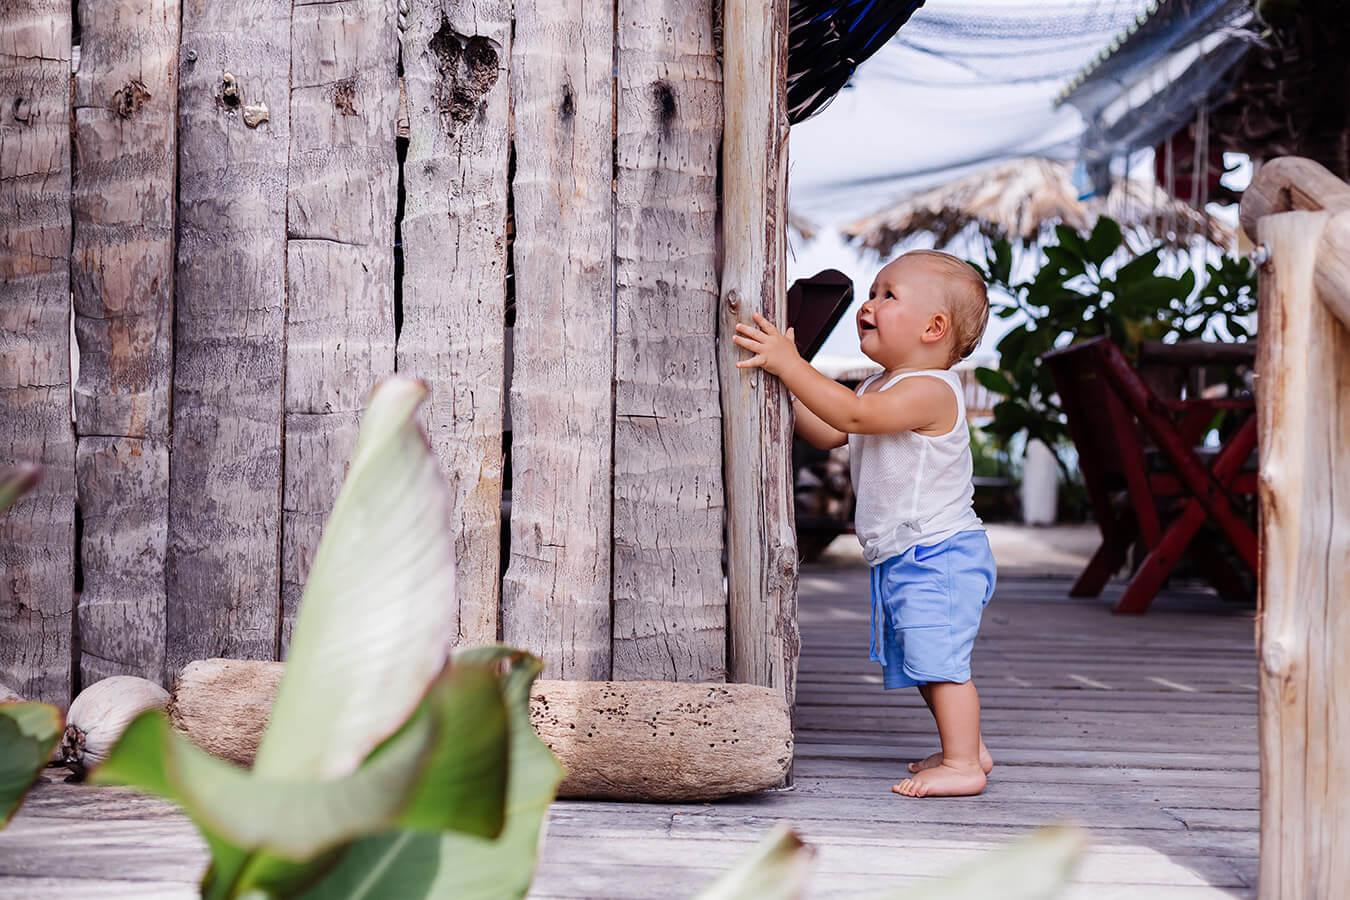 43 tygodniowe dziecko – Jak wygląda 10 miesiąc życia dziecka?